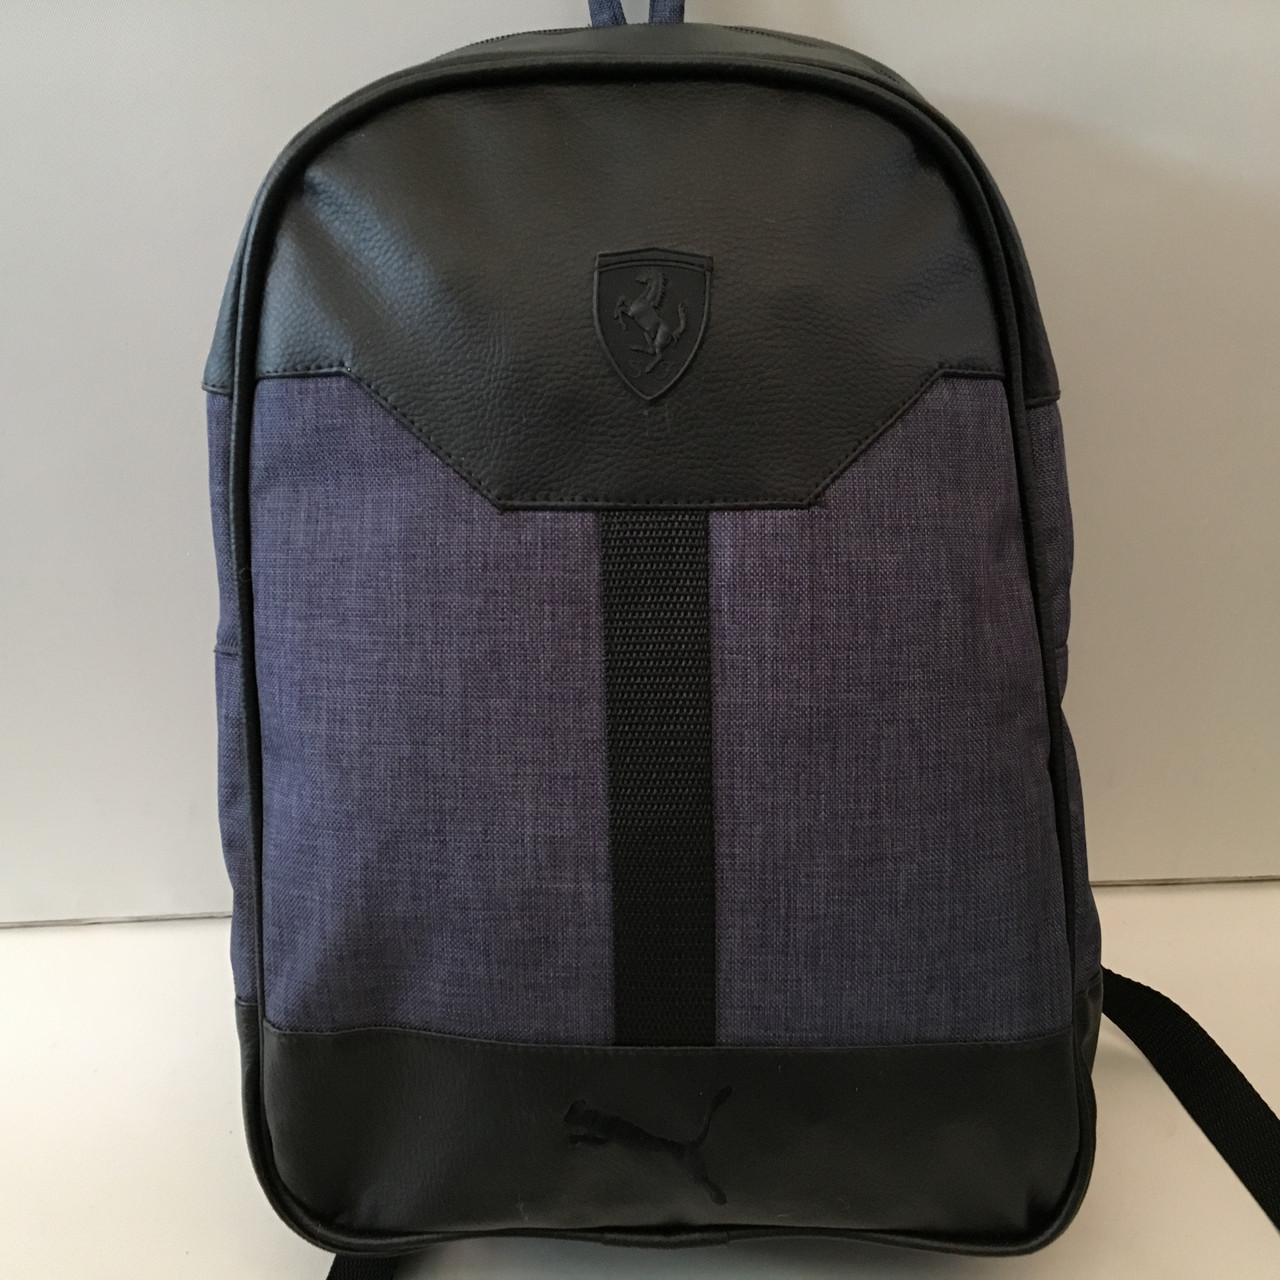 cf8367bc0984 Рюкзак кожаный городской рюкзак PUMA Ferrari, 28*40 только ОПТ ...